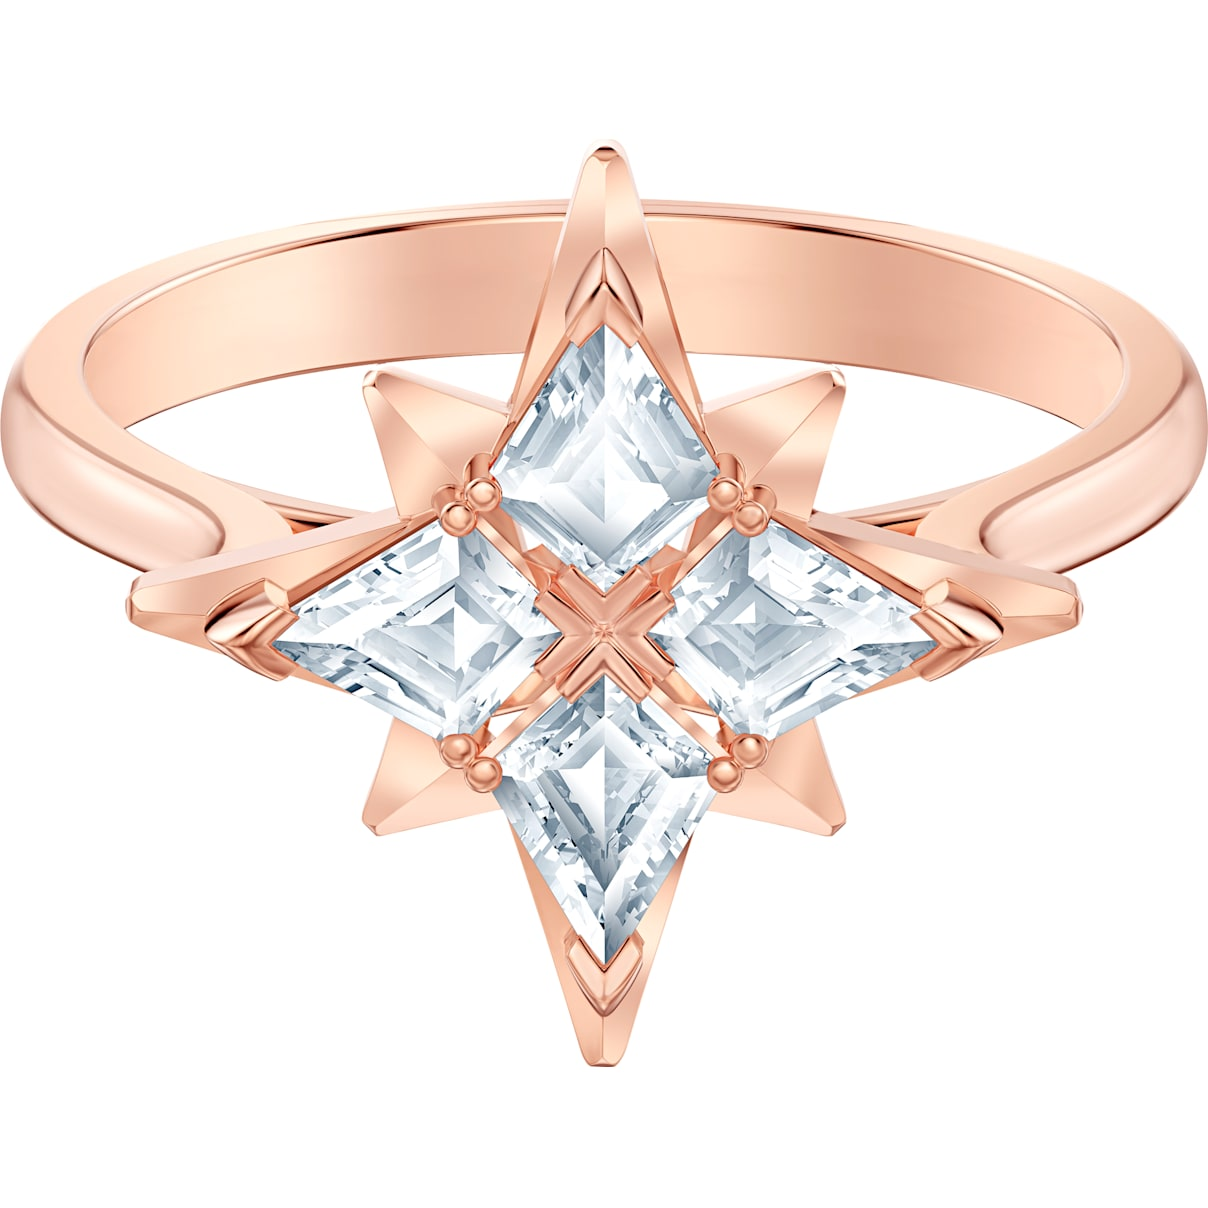 Swarovski Swarovski Symbolic Star Motif Ring, White, Rose-gold tone plated